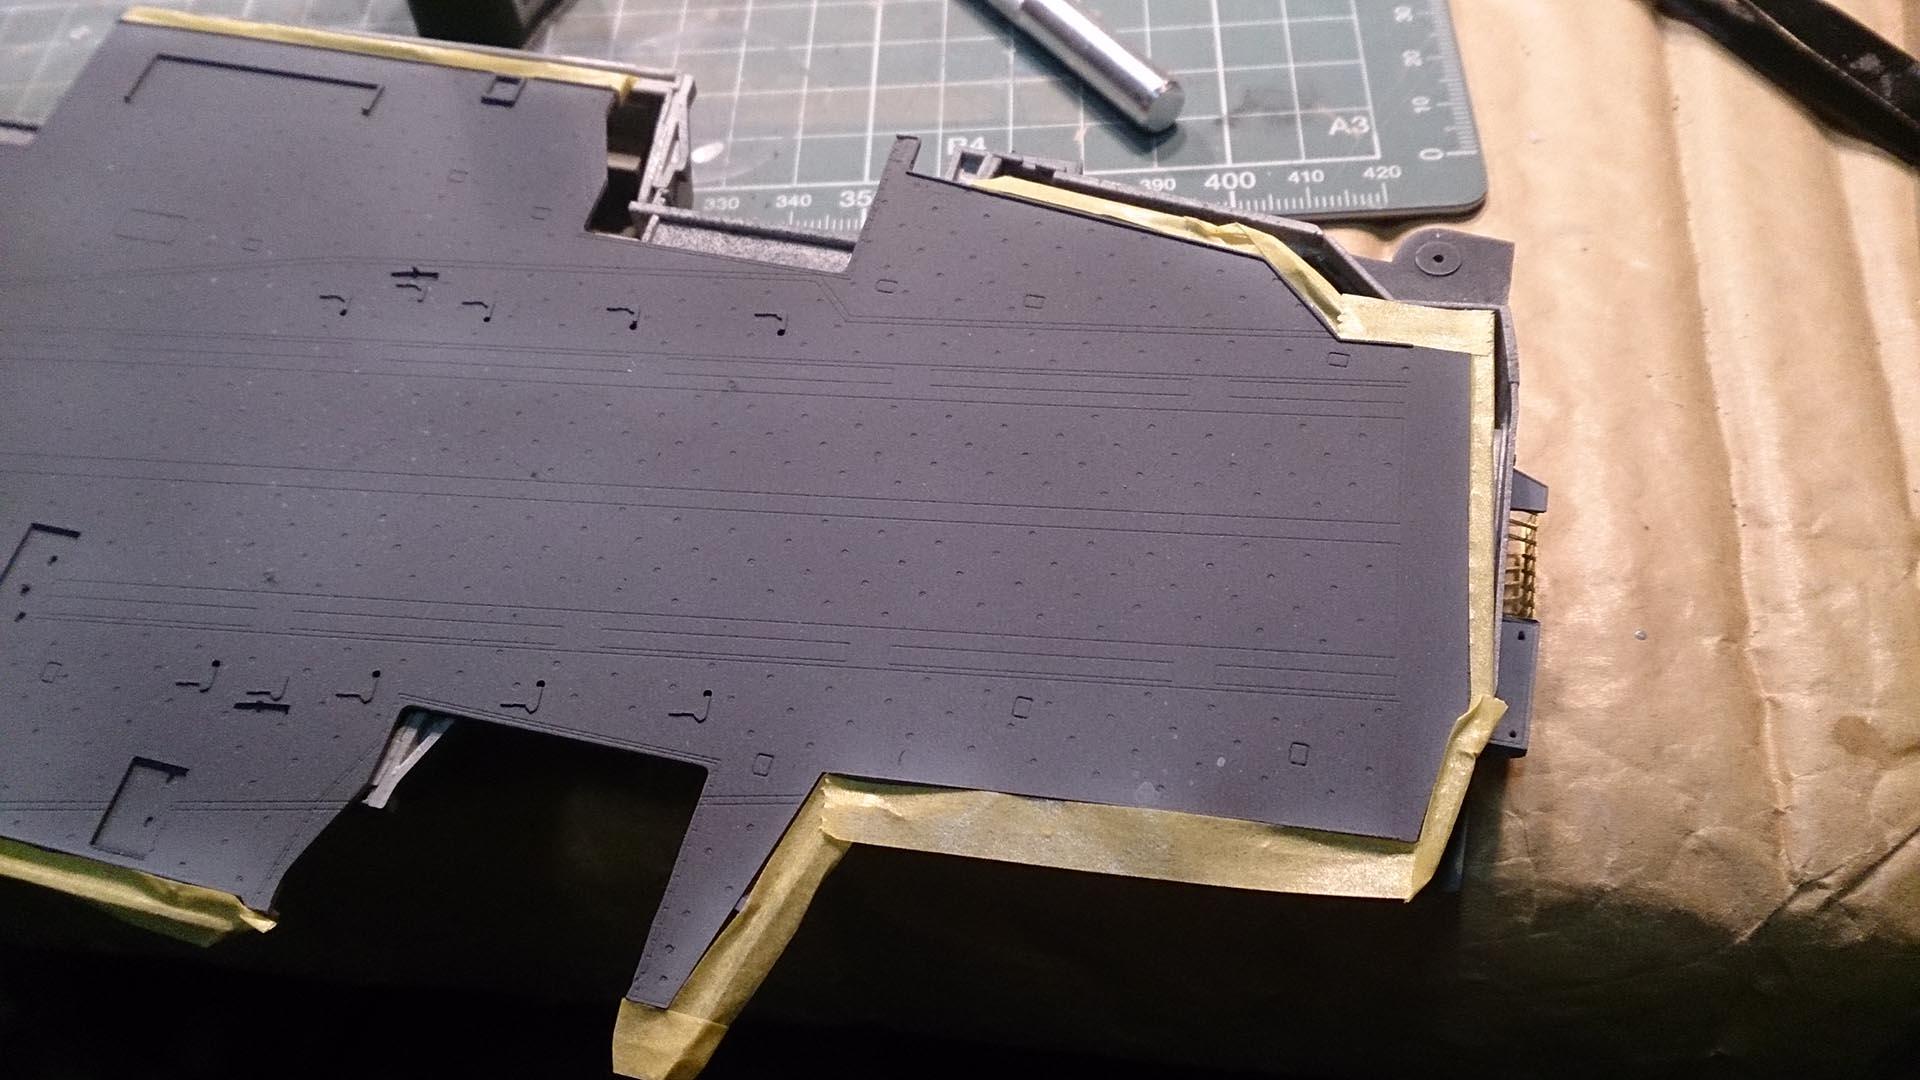 USS Theodore ROOSEVELT CVN-71 [Trumpeter 1/700] - Page 2 336907cvn7141